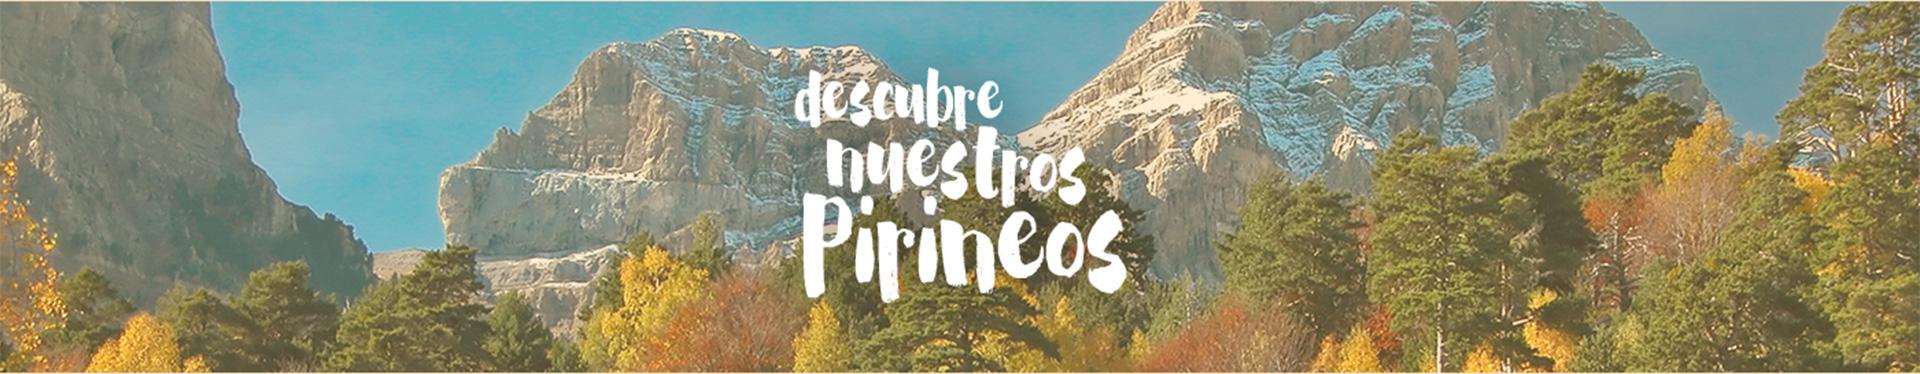 Descubre nuestros Pirineos